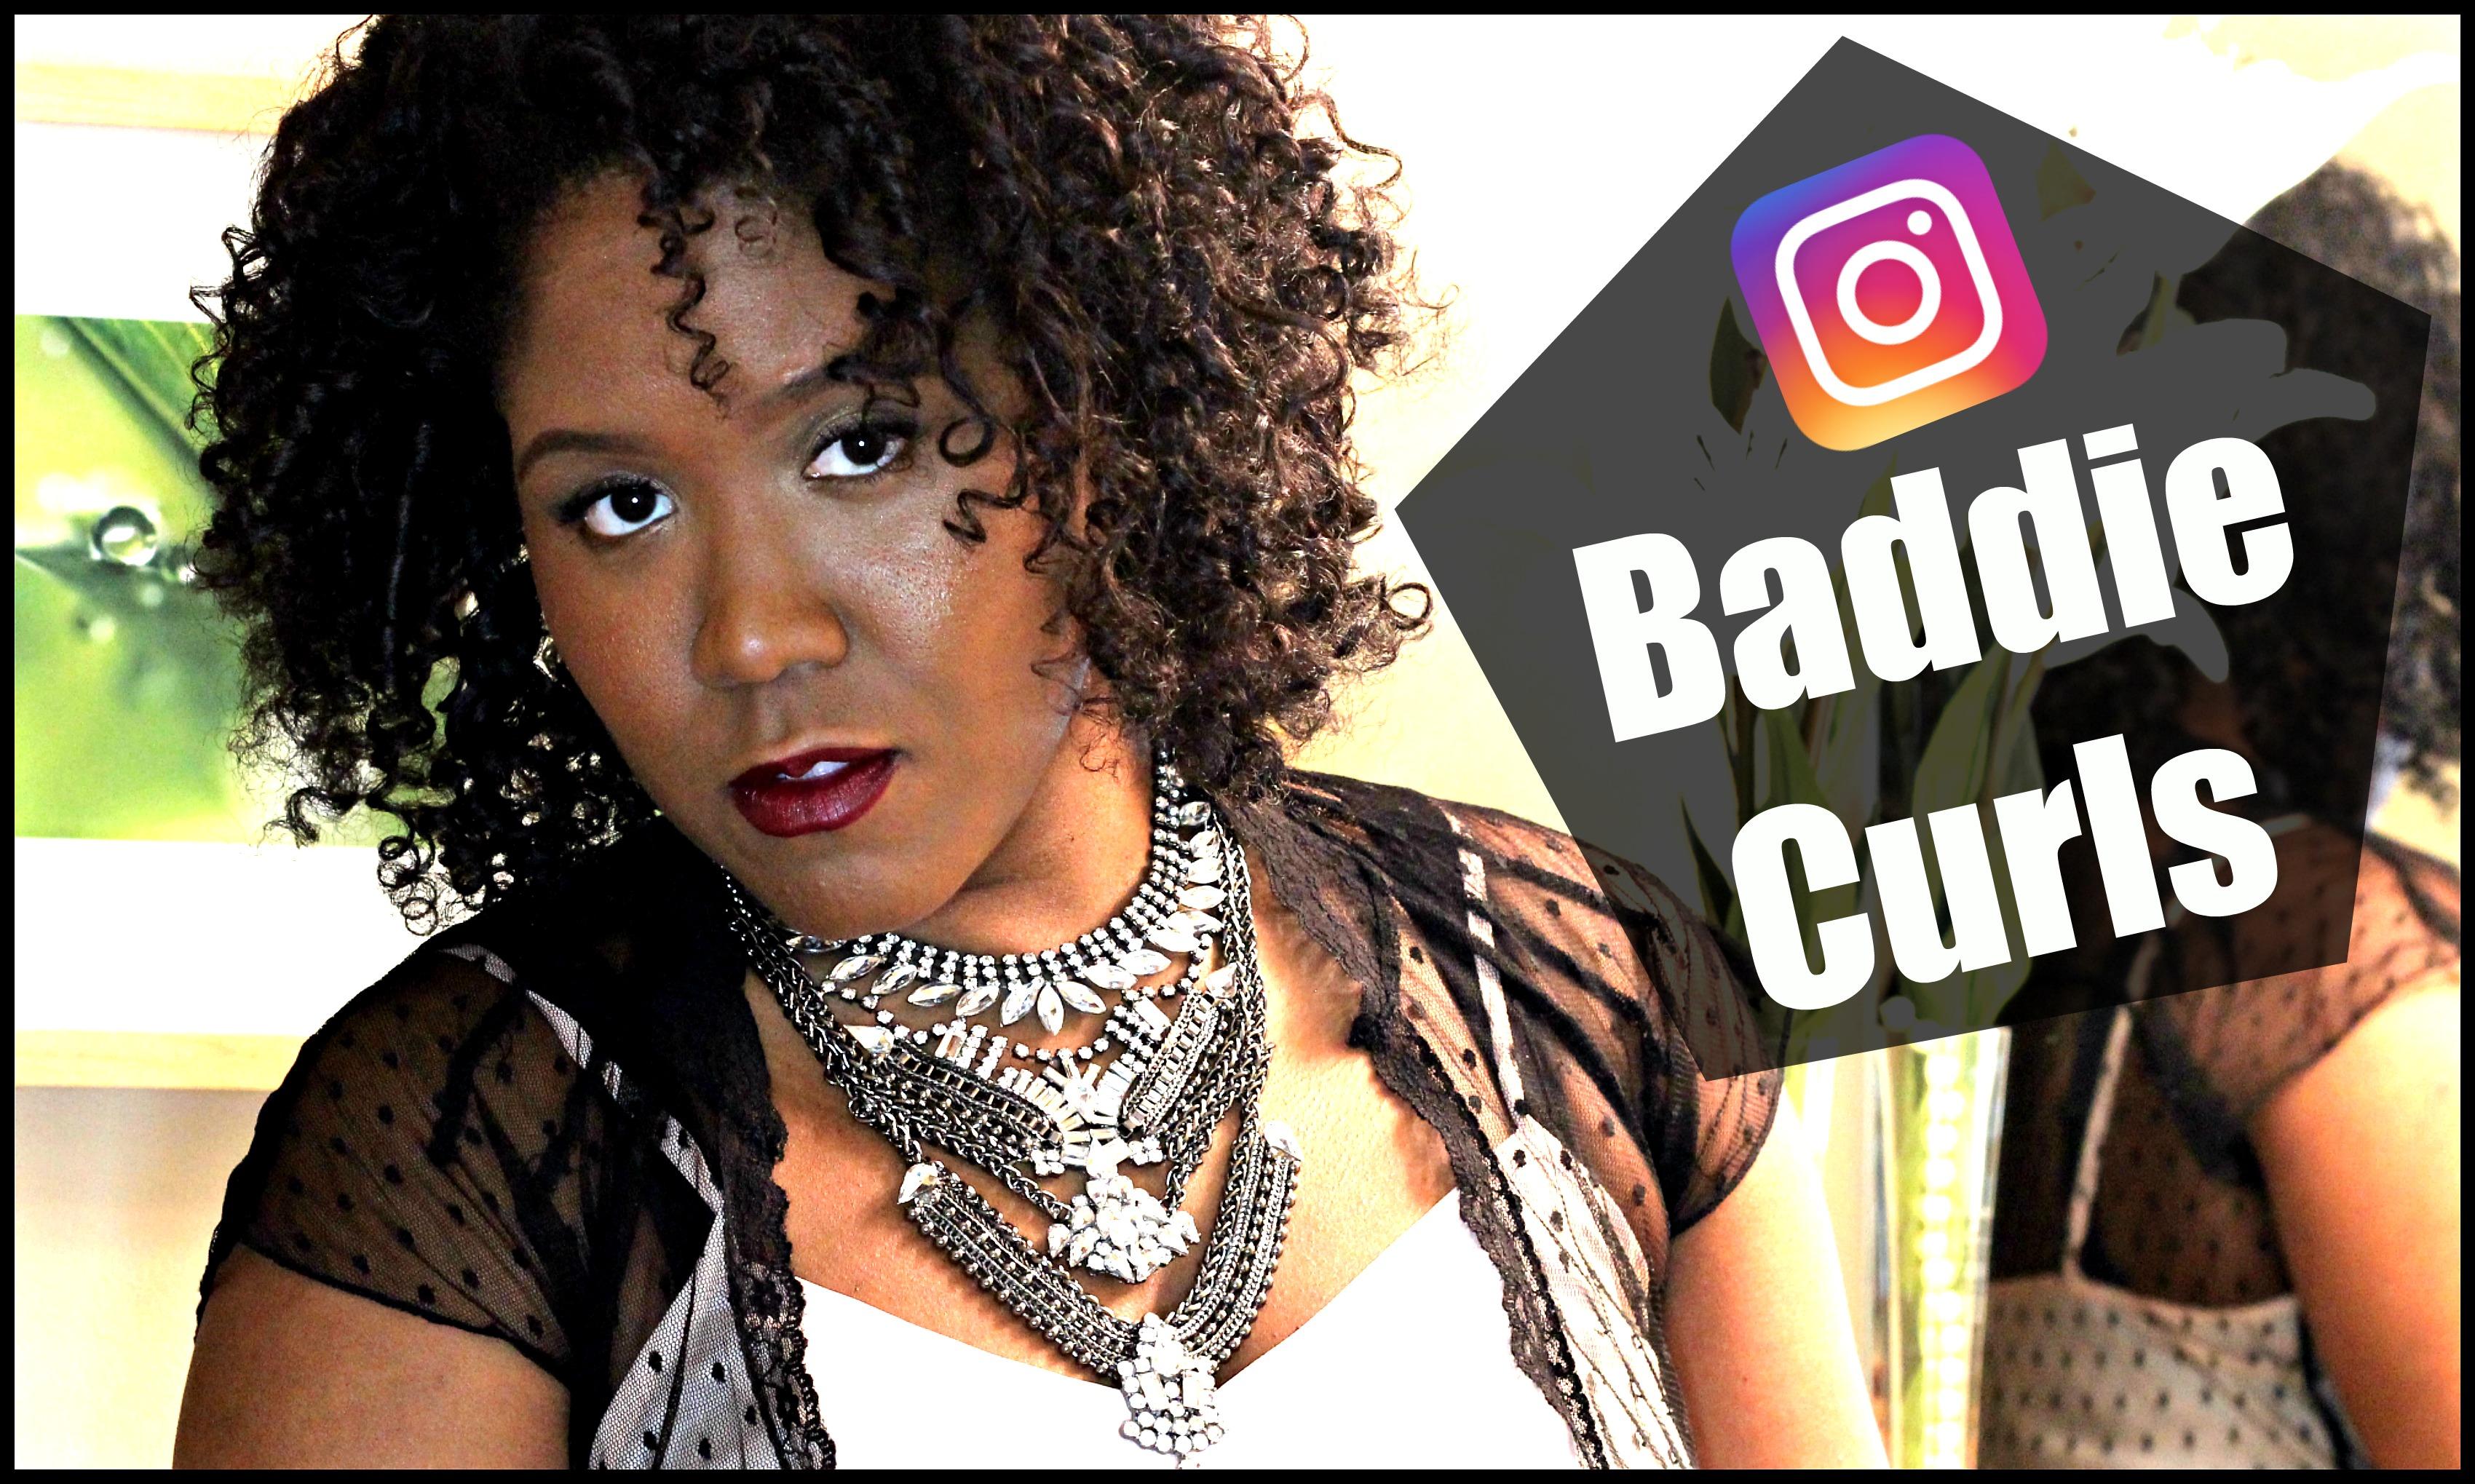 Instagram Baddie Curly Hair Tutorial - The Style News Network